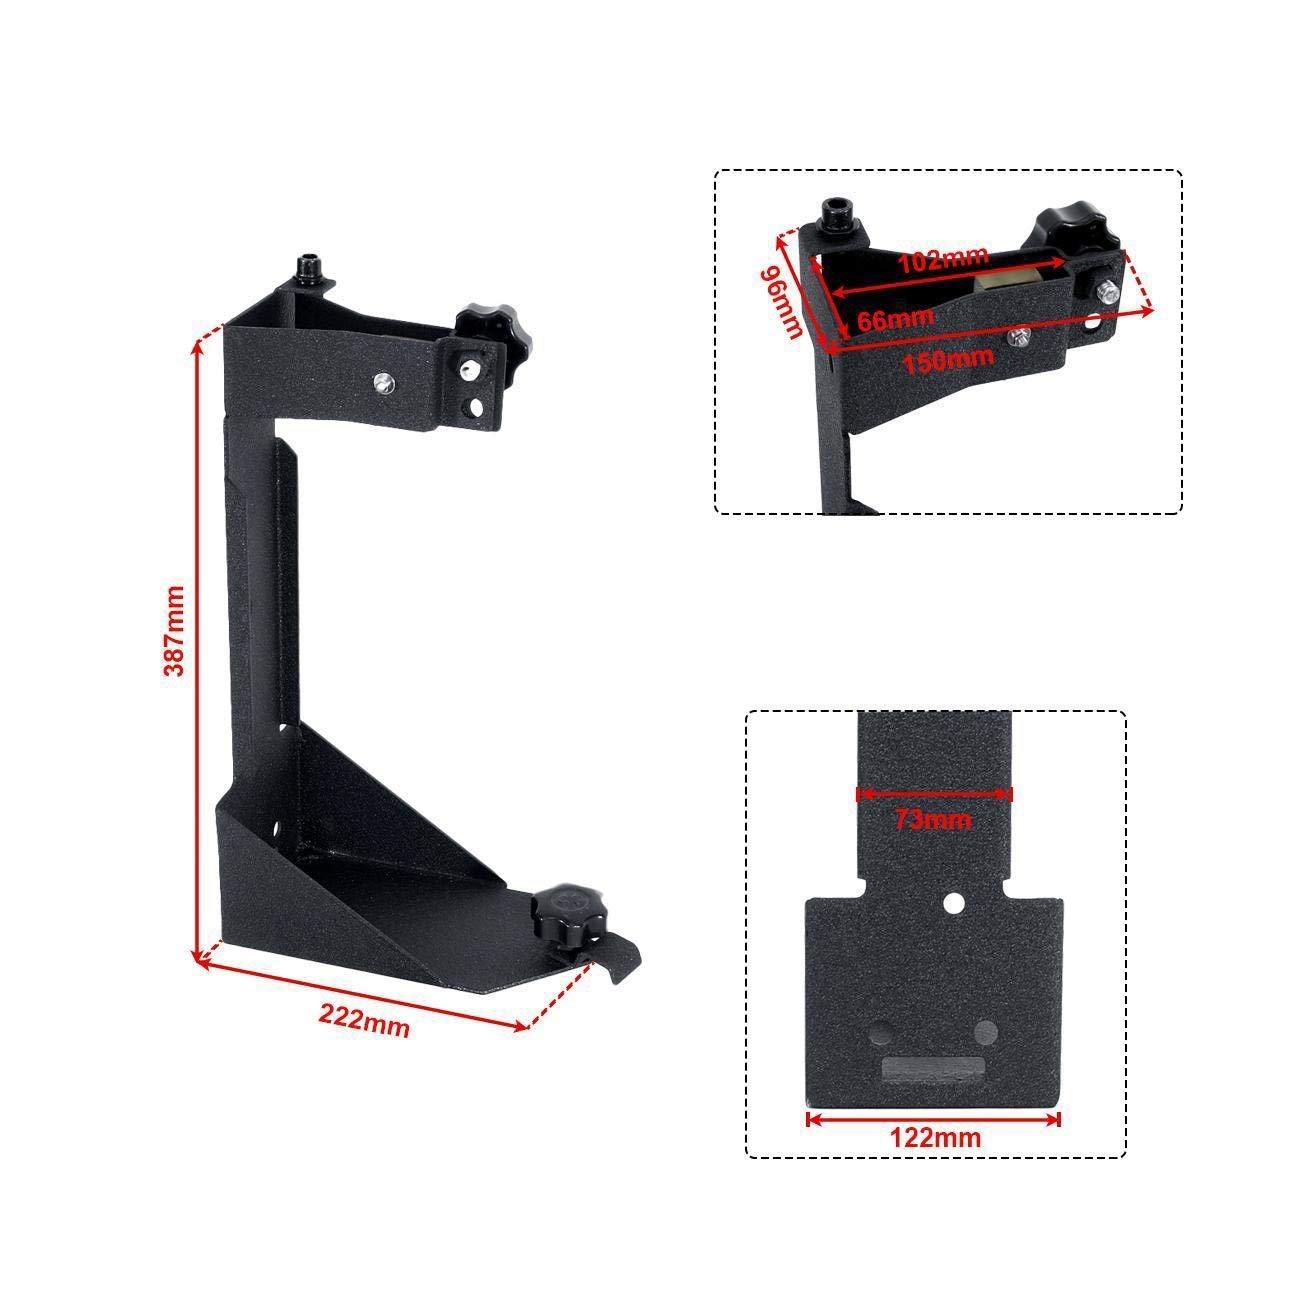 ALAVENTE Off-Road High Lift Jack Mount Spacer Bracket Rear Hi Lift Mounting Kit for Jeep Wrangler JK 2007-2017 4350426389